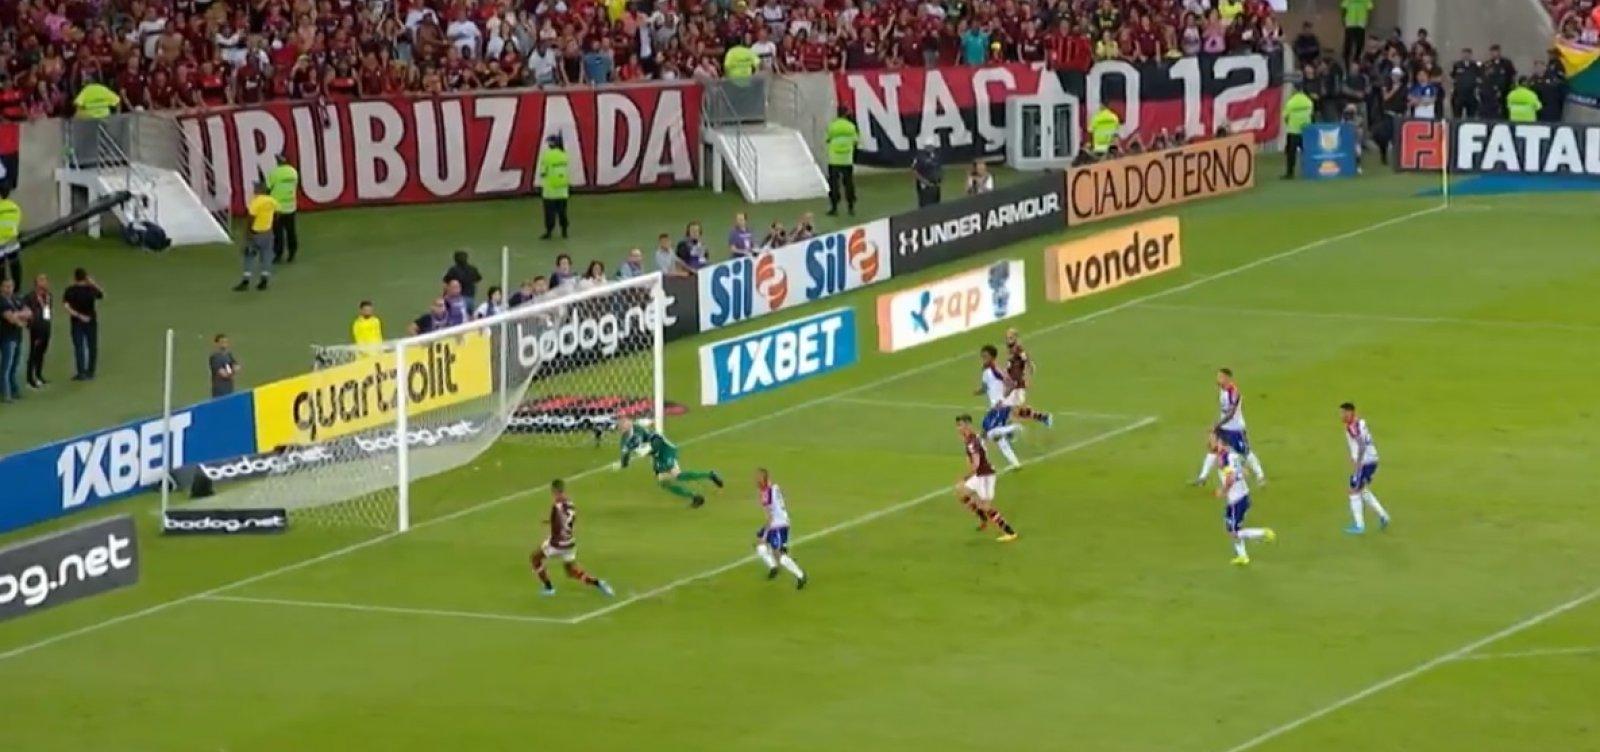 Bahia leva virada e perde para o Flamengo no Maracanã